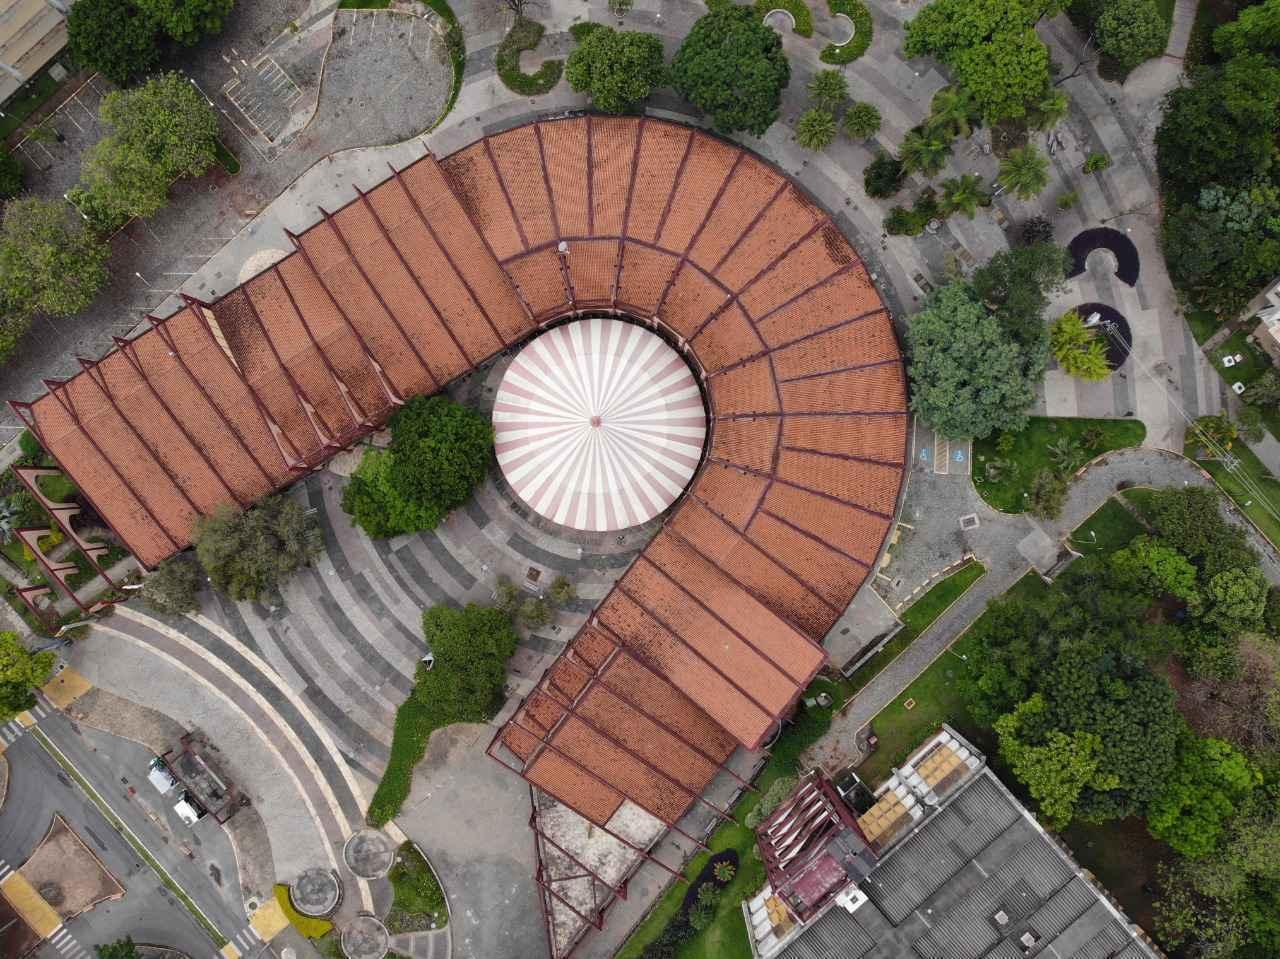 Imagem aérea da 'ferradura' da Praça de Serviços, gerada por drone